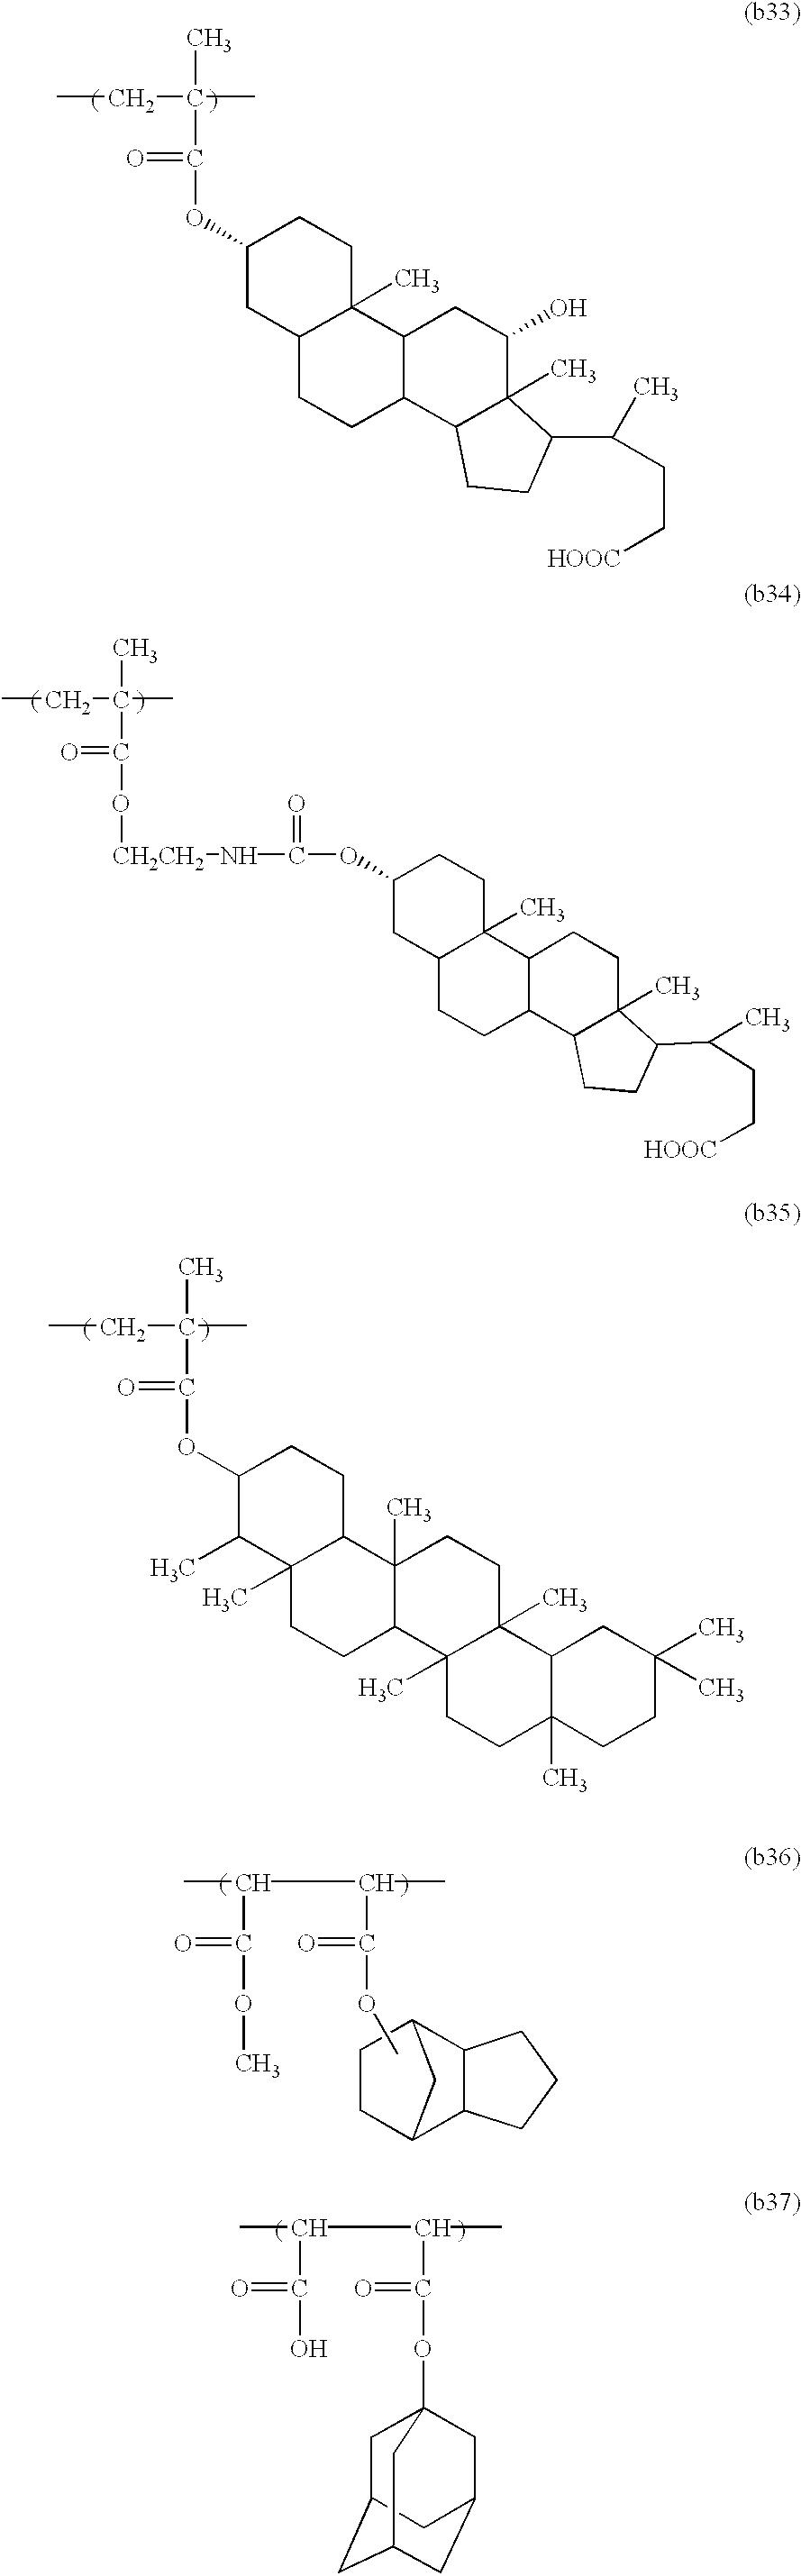 Figure US06492091-20021210-C00060